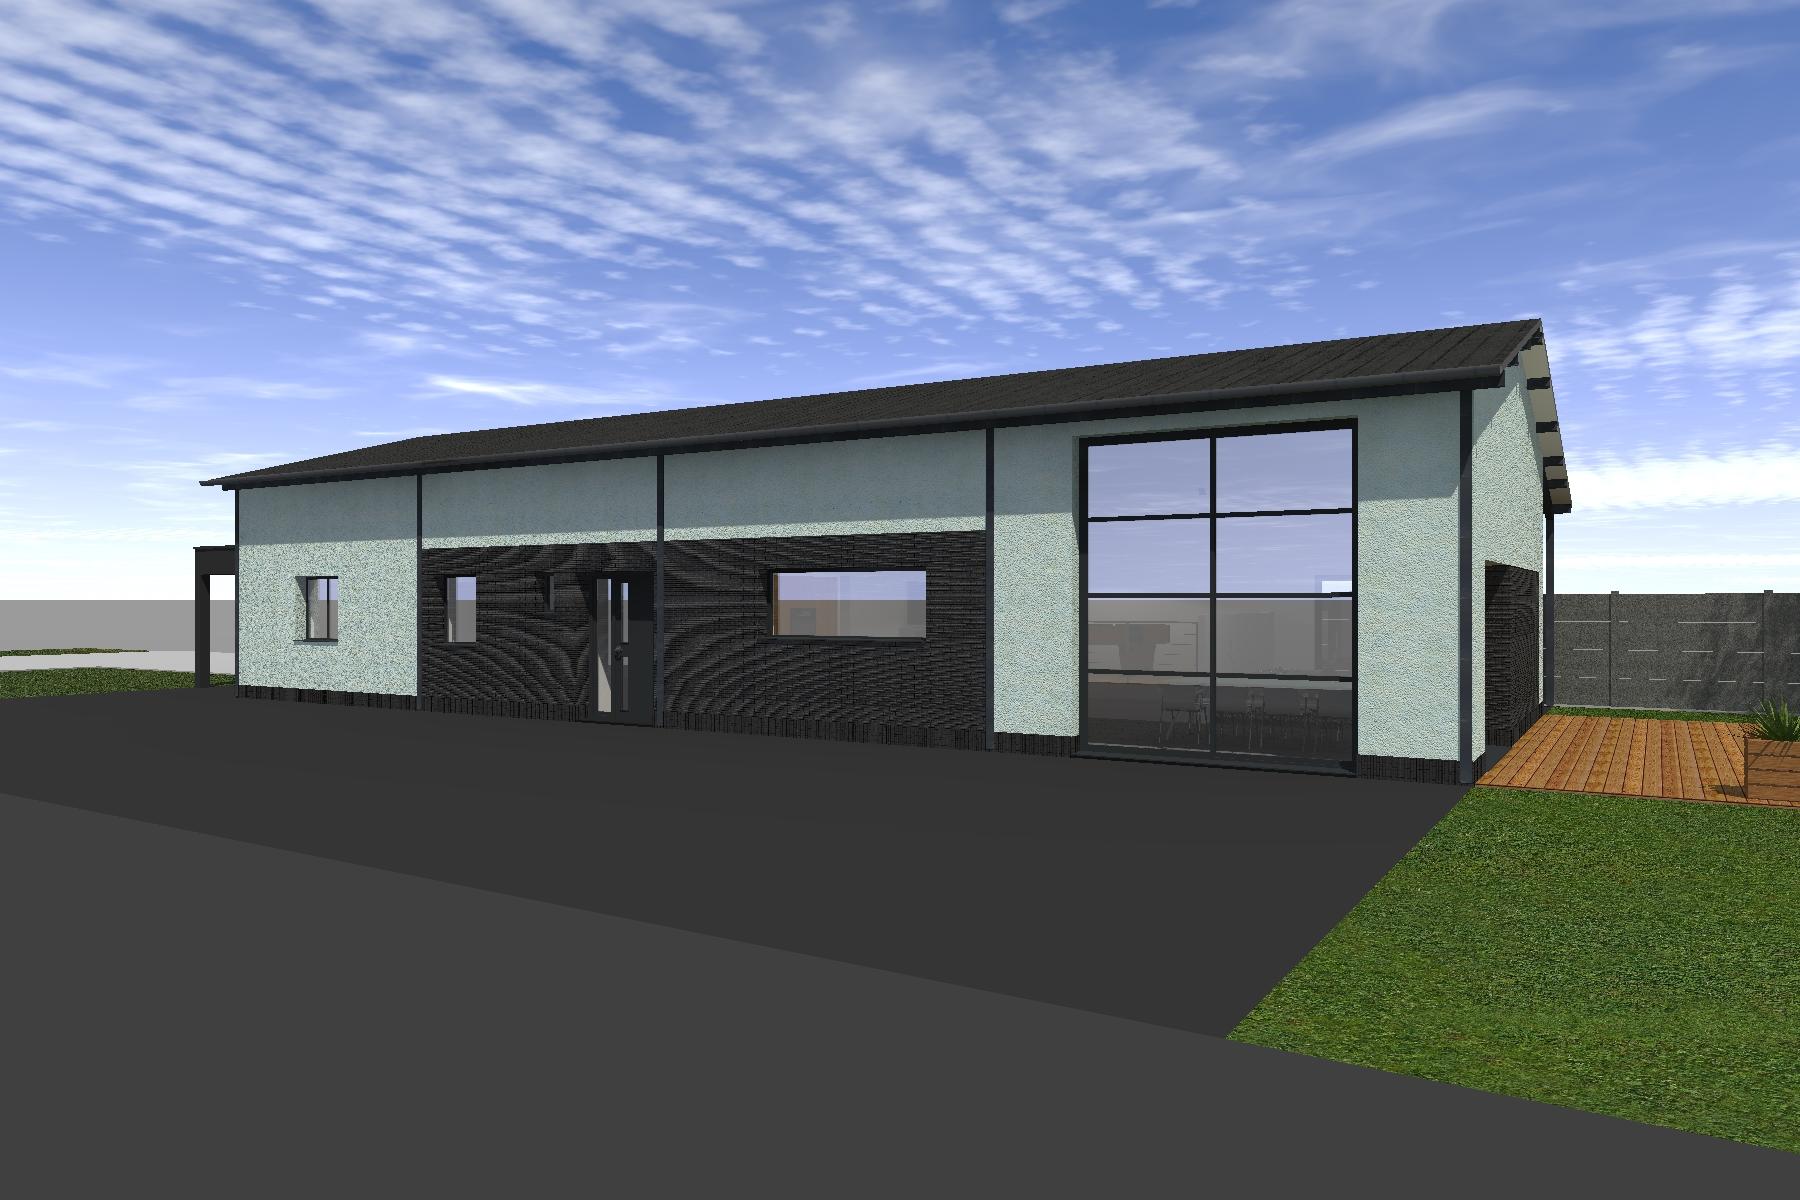 Permis de construire hangar loft 12 for Transformation grange en habitation permis de construire